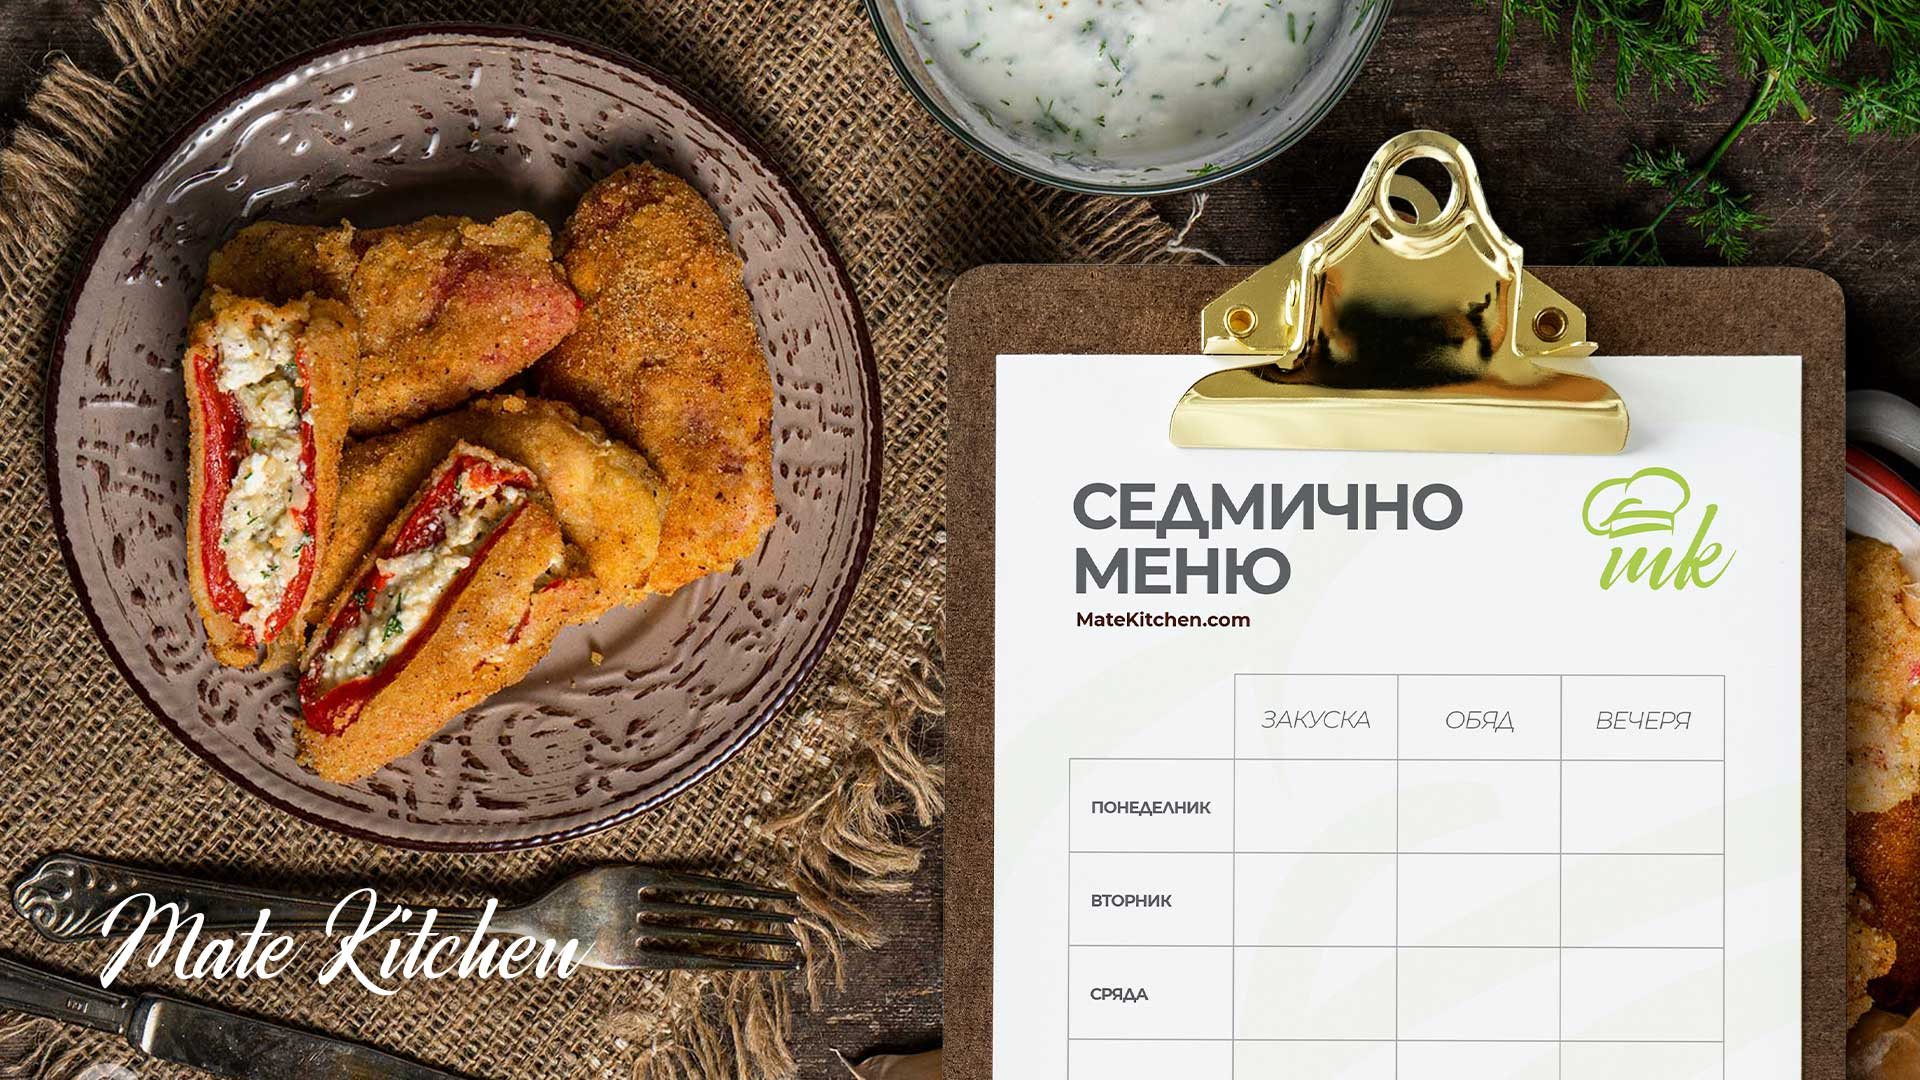 Бланка за седмично меню от Mate Kitchen на фона на чушки бюрек в порцеланова чиния